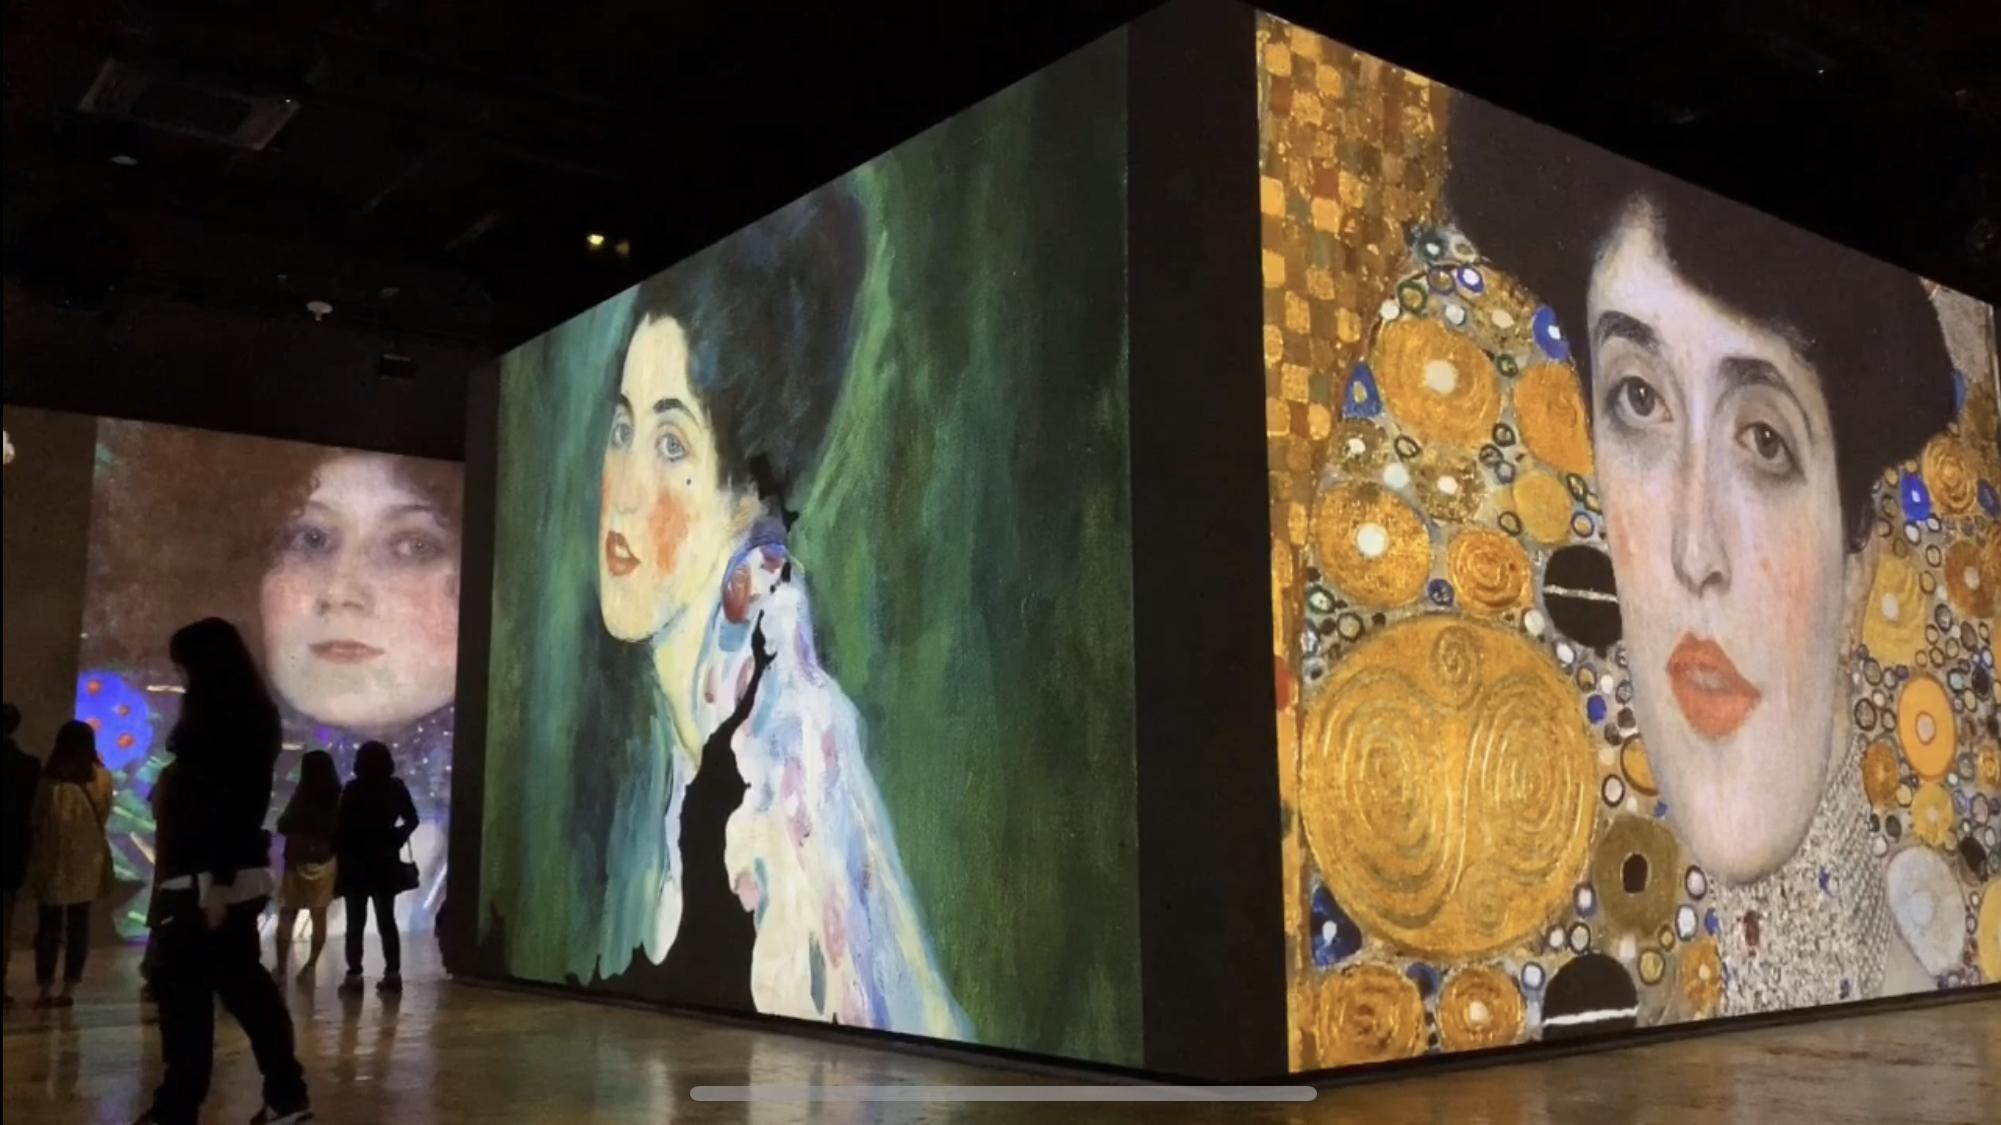 濟州島旅遊-在通訊基地看超震撼藝術展,聲光感受藝術之美:光之地堡(Bunker de Lumière)